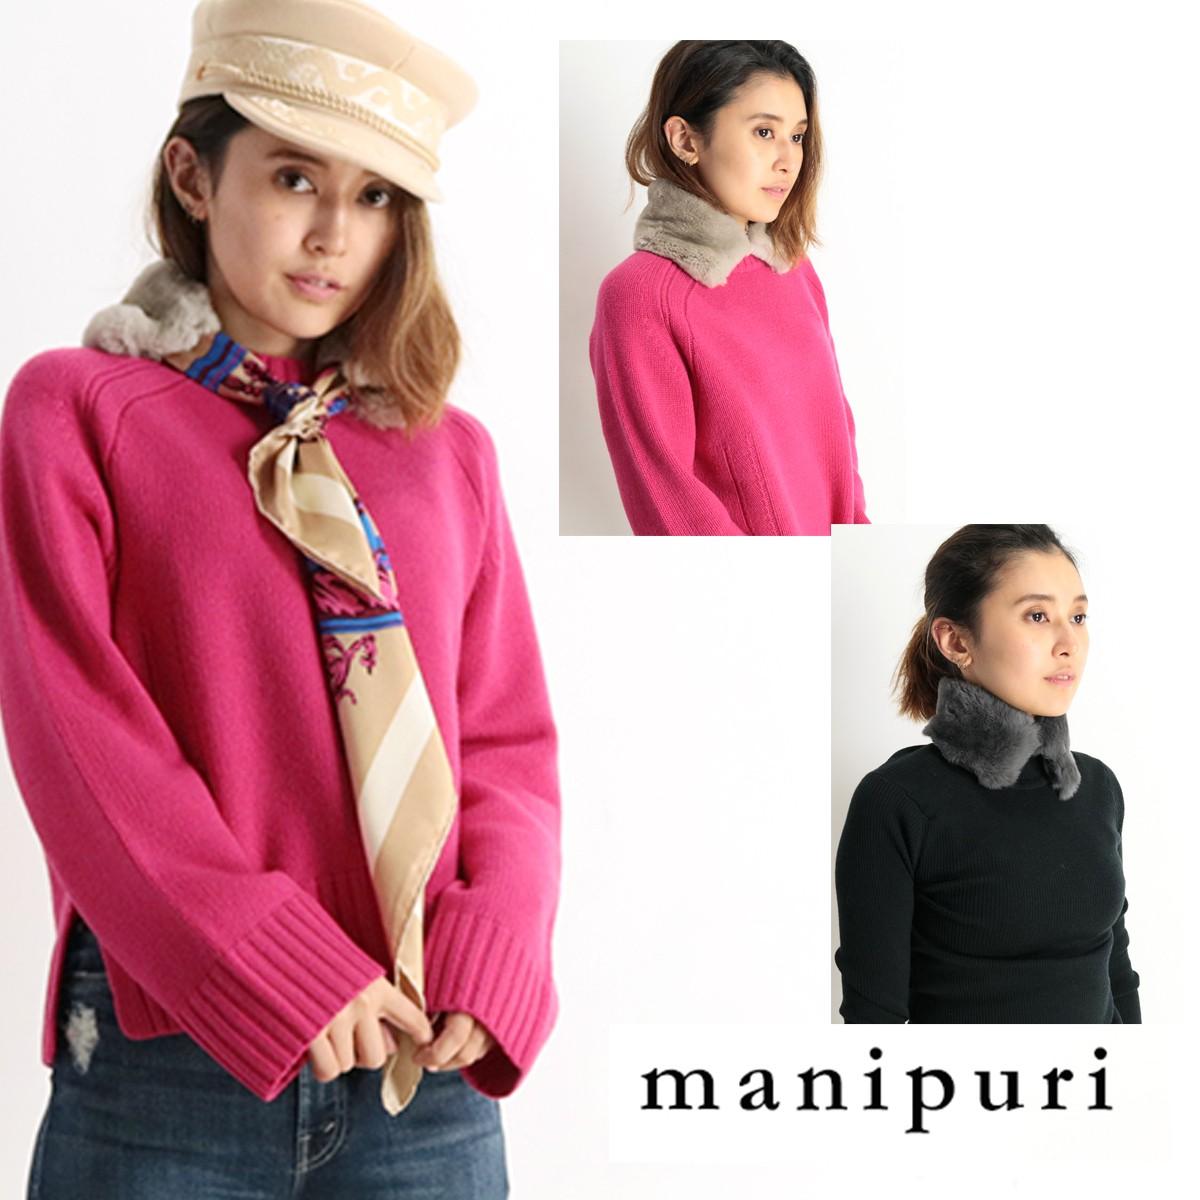 【40%OFF】manipuri マニプリ ファーティペット Furtube Rex Rabbit グレー ベージュ ホワイト ブラウン アクセサリー 18AW